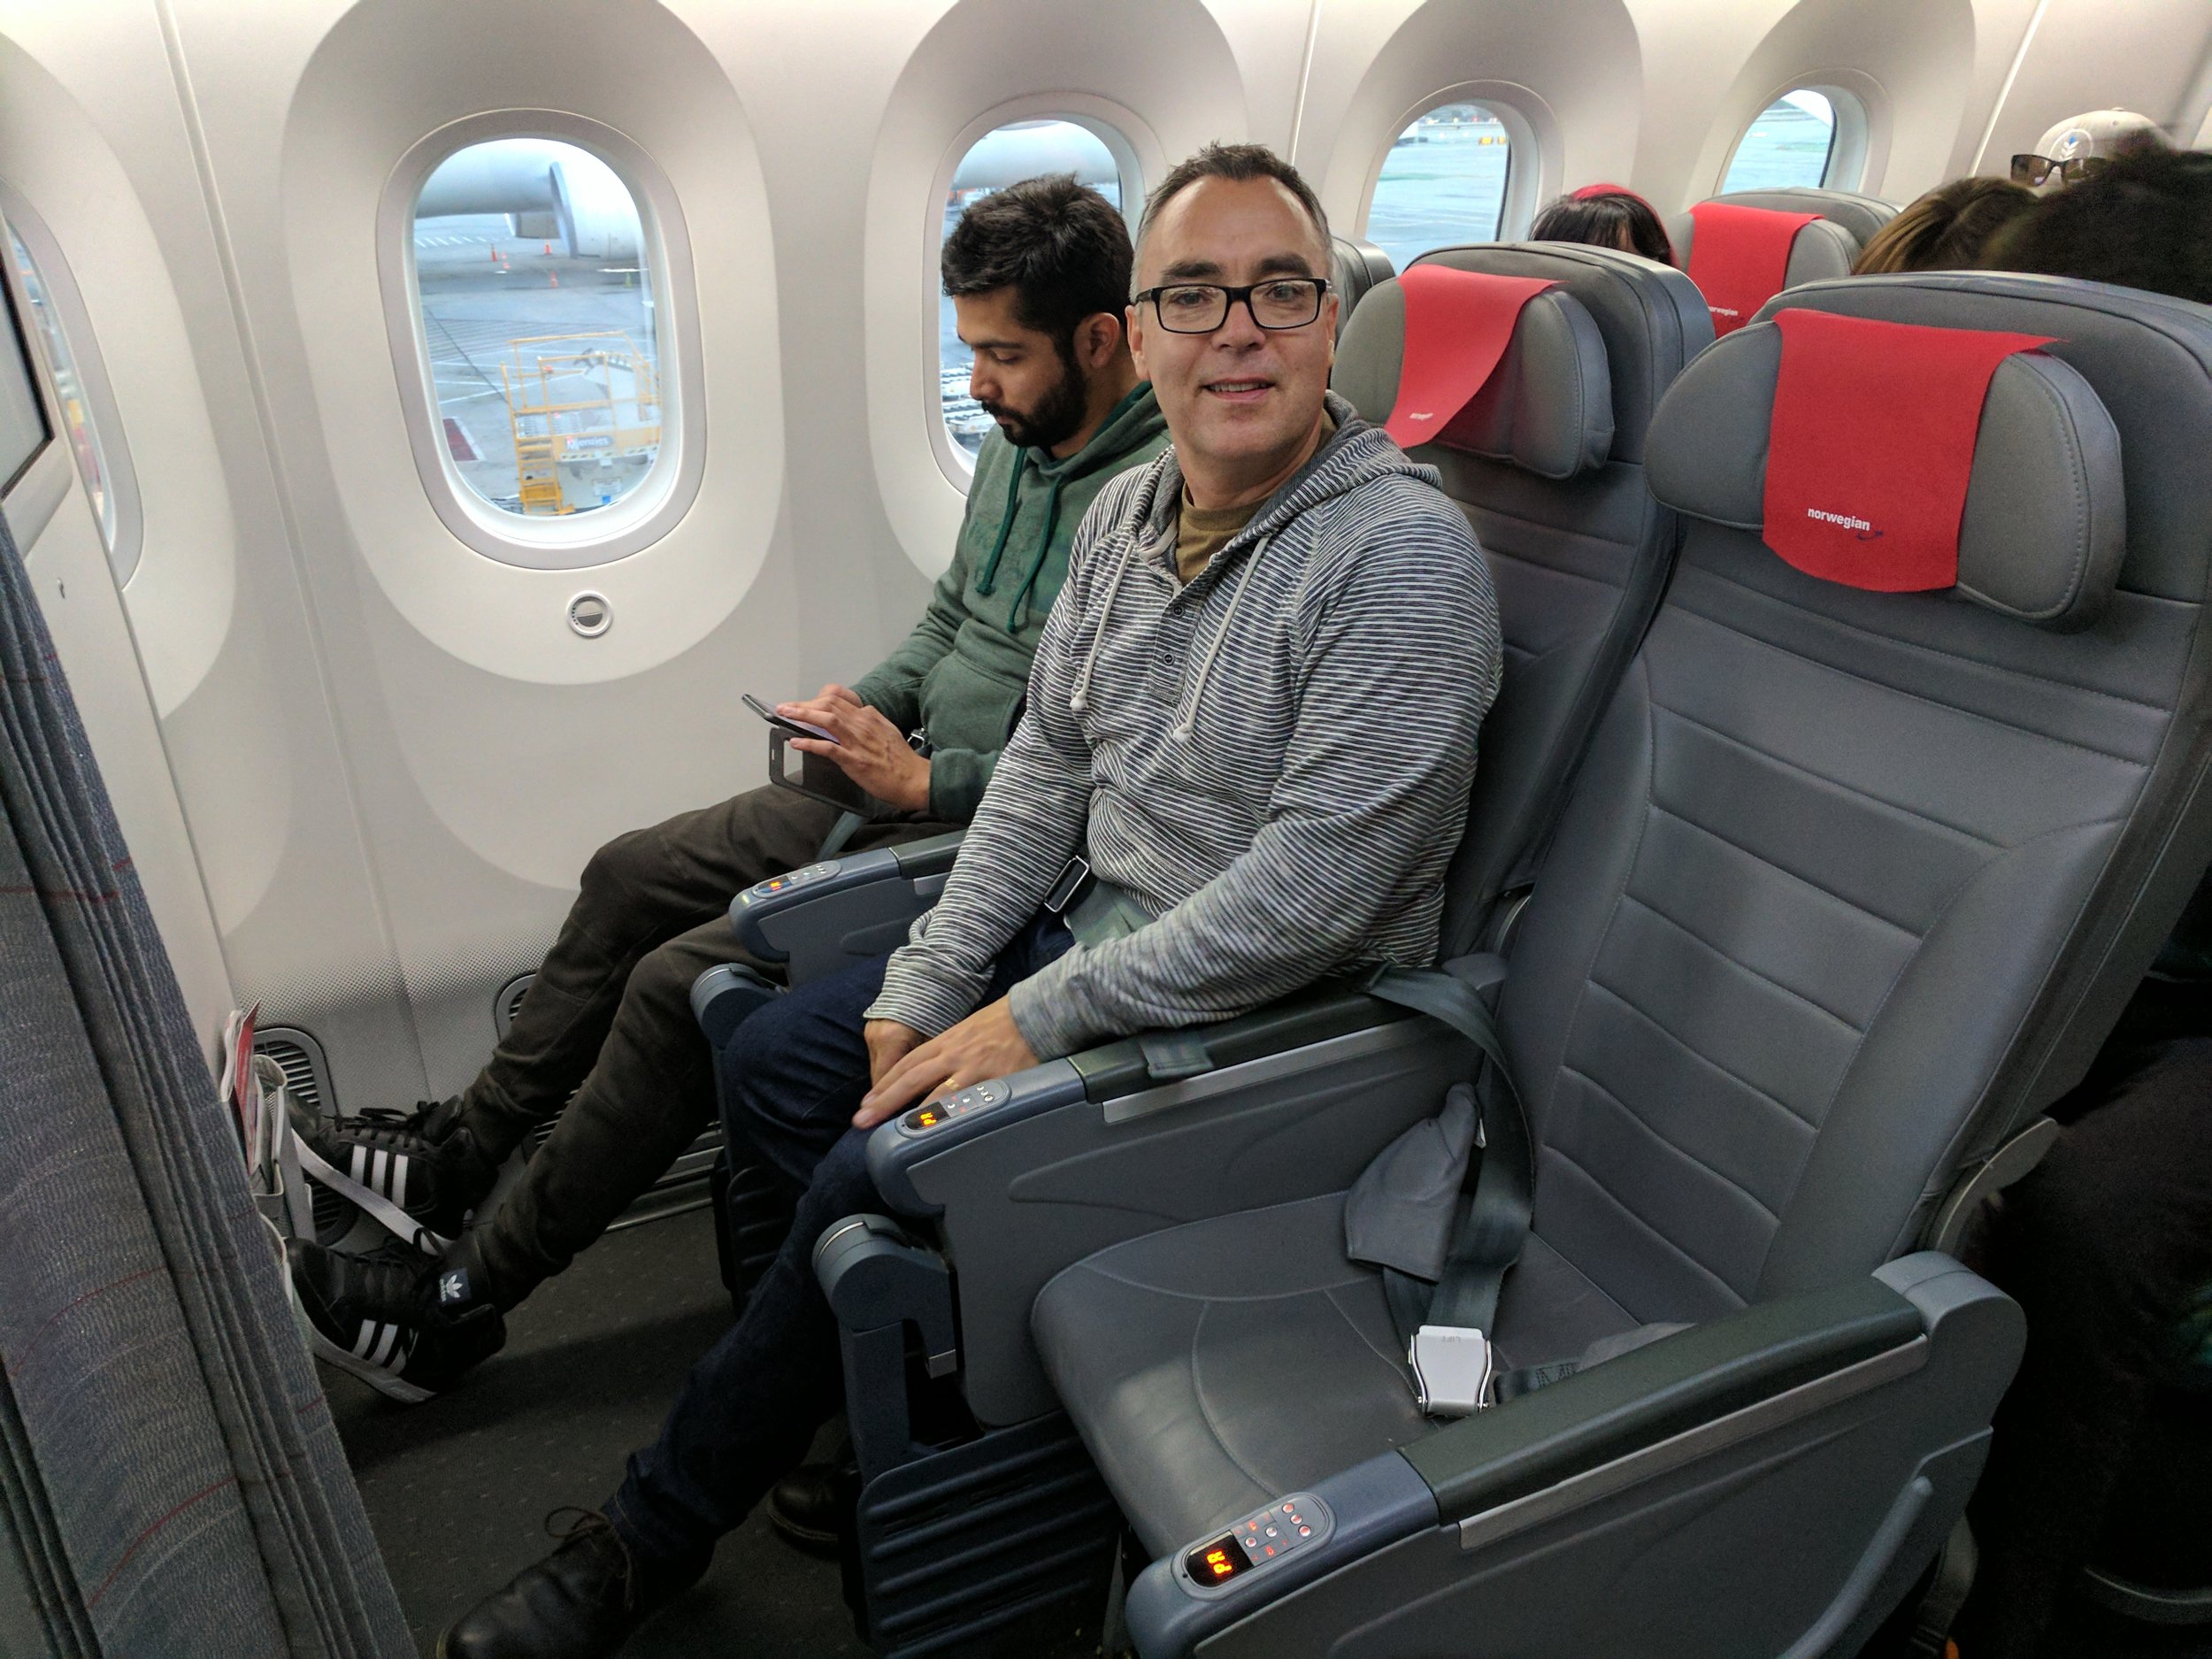 Comfy Seats, big windows, lots of head room - all characteristics of the Dreamliner